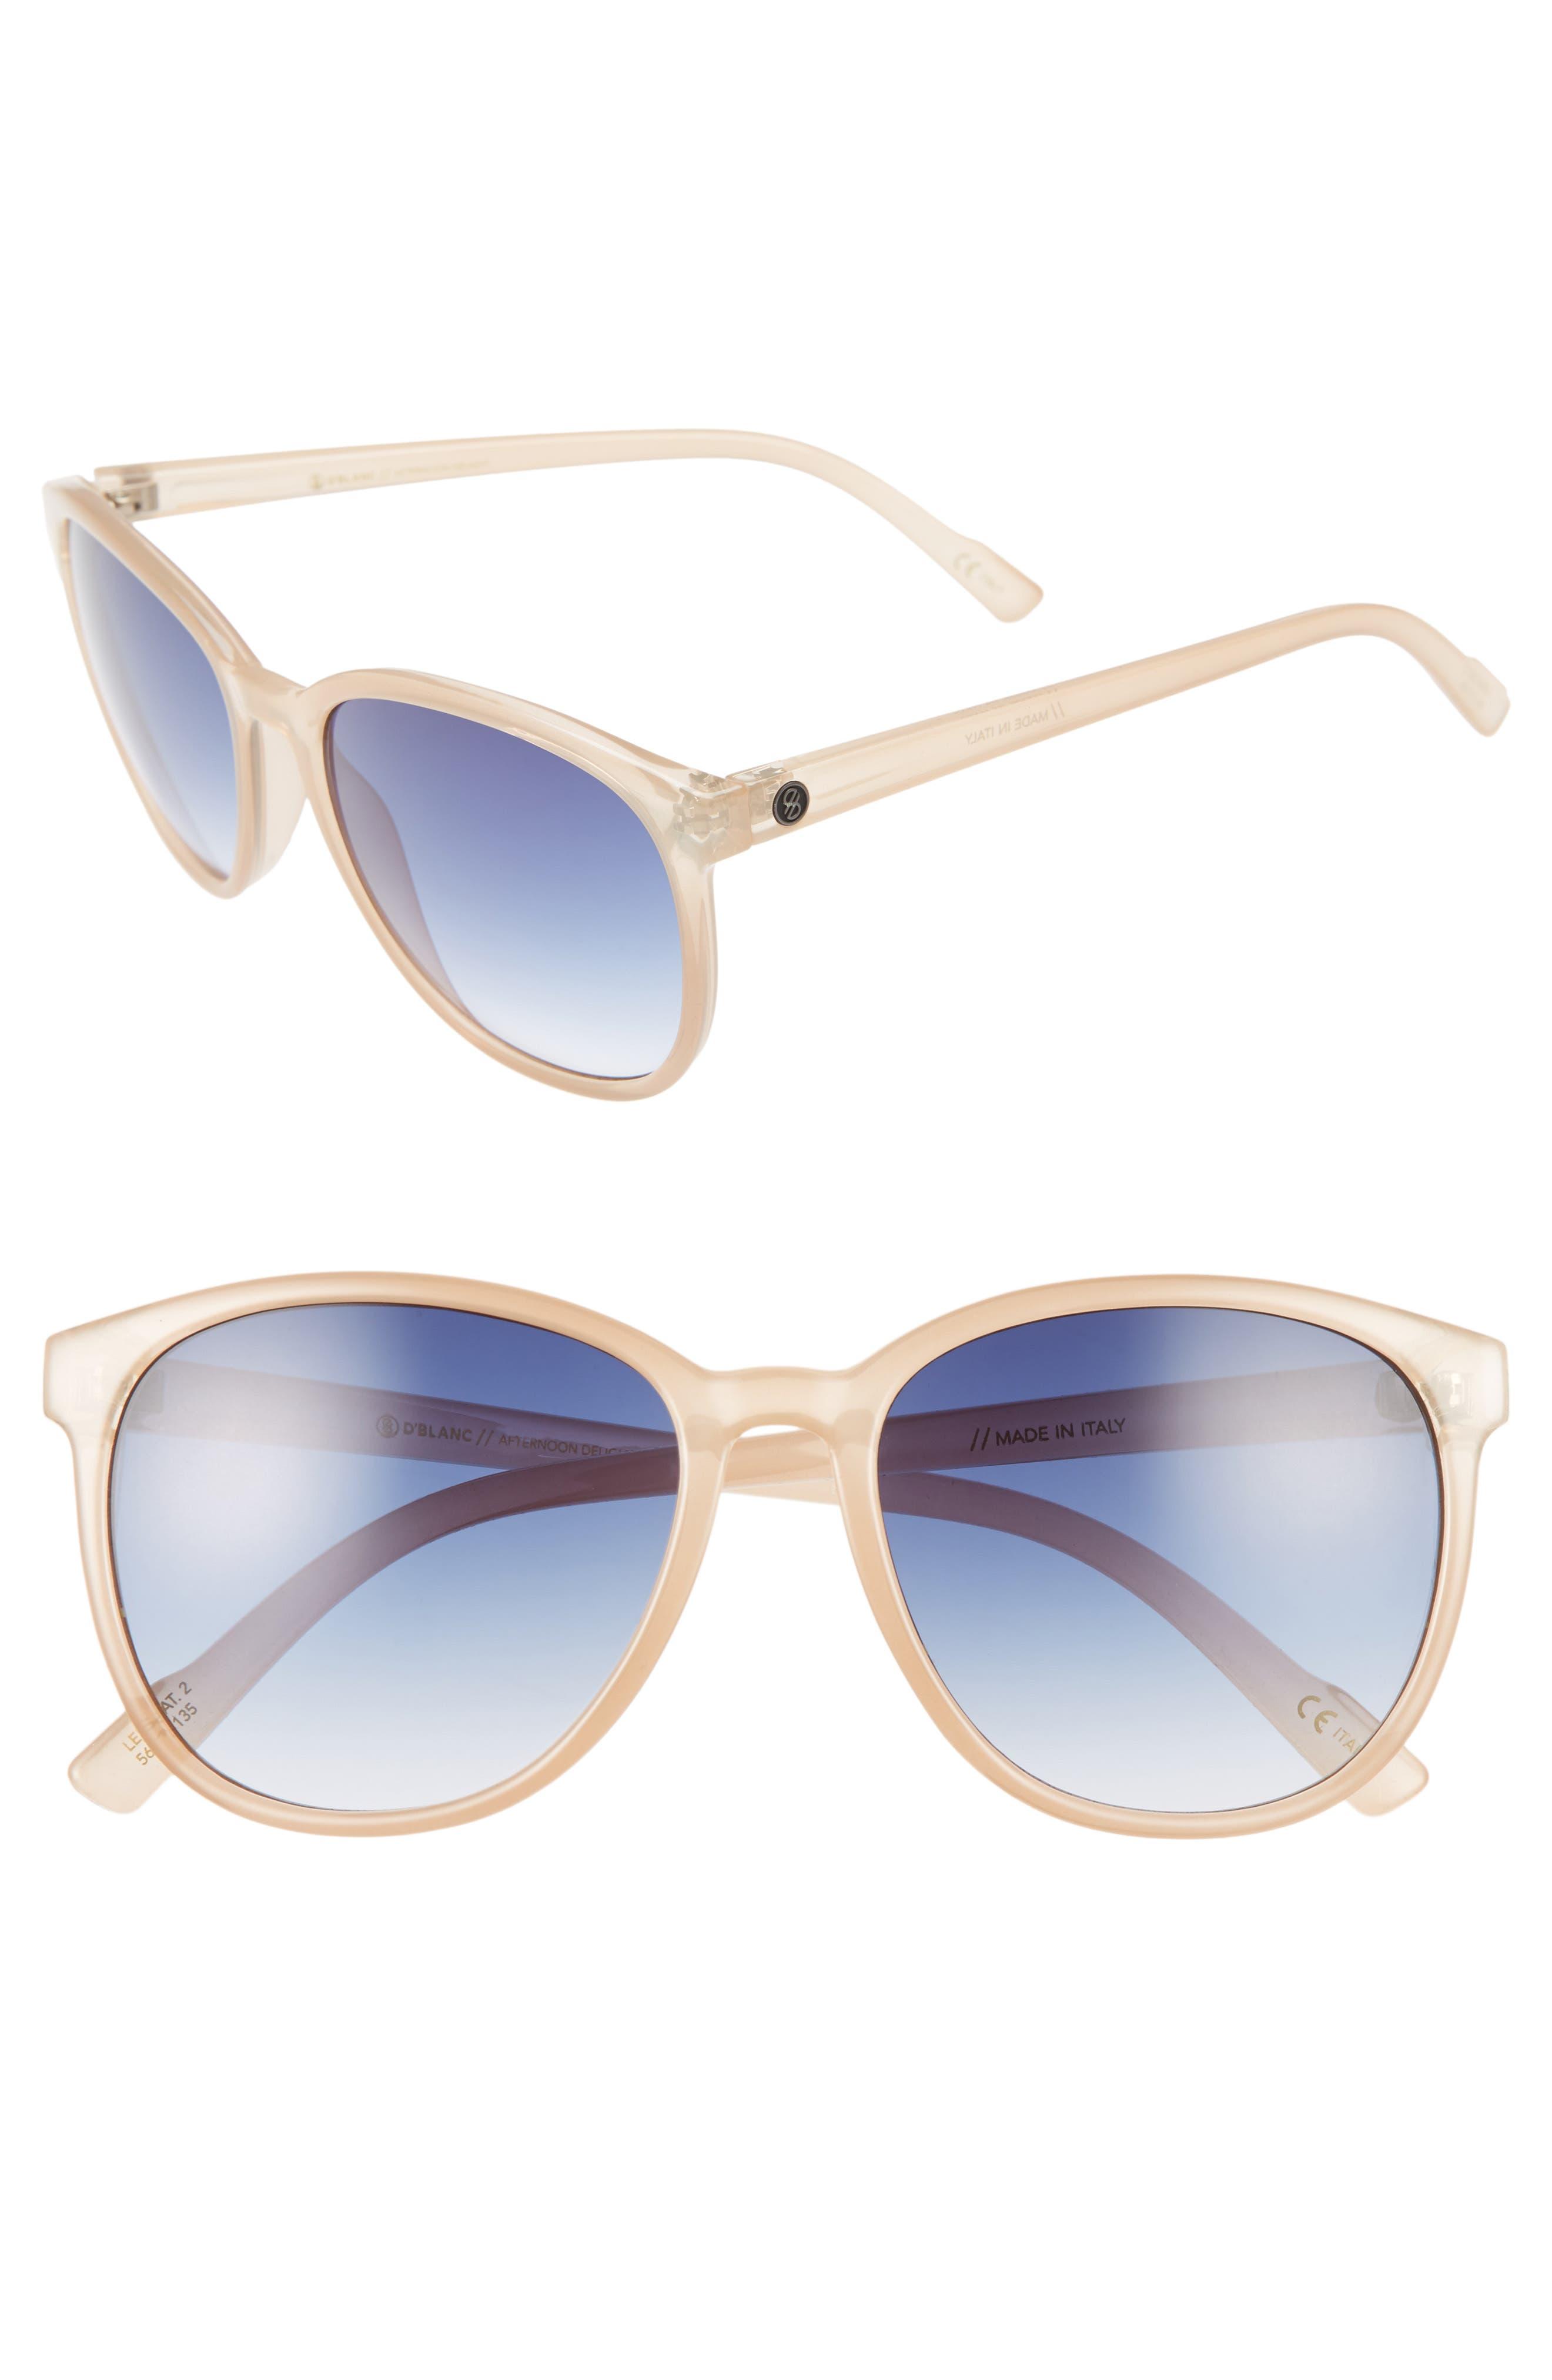 D'BLANC Afternoon Delight 56mm Gradient Lens Sunglasses,                             Main thumbnail 1, color,                             SPUMANTE OPAL/ GRADIENT